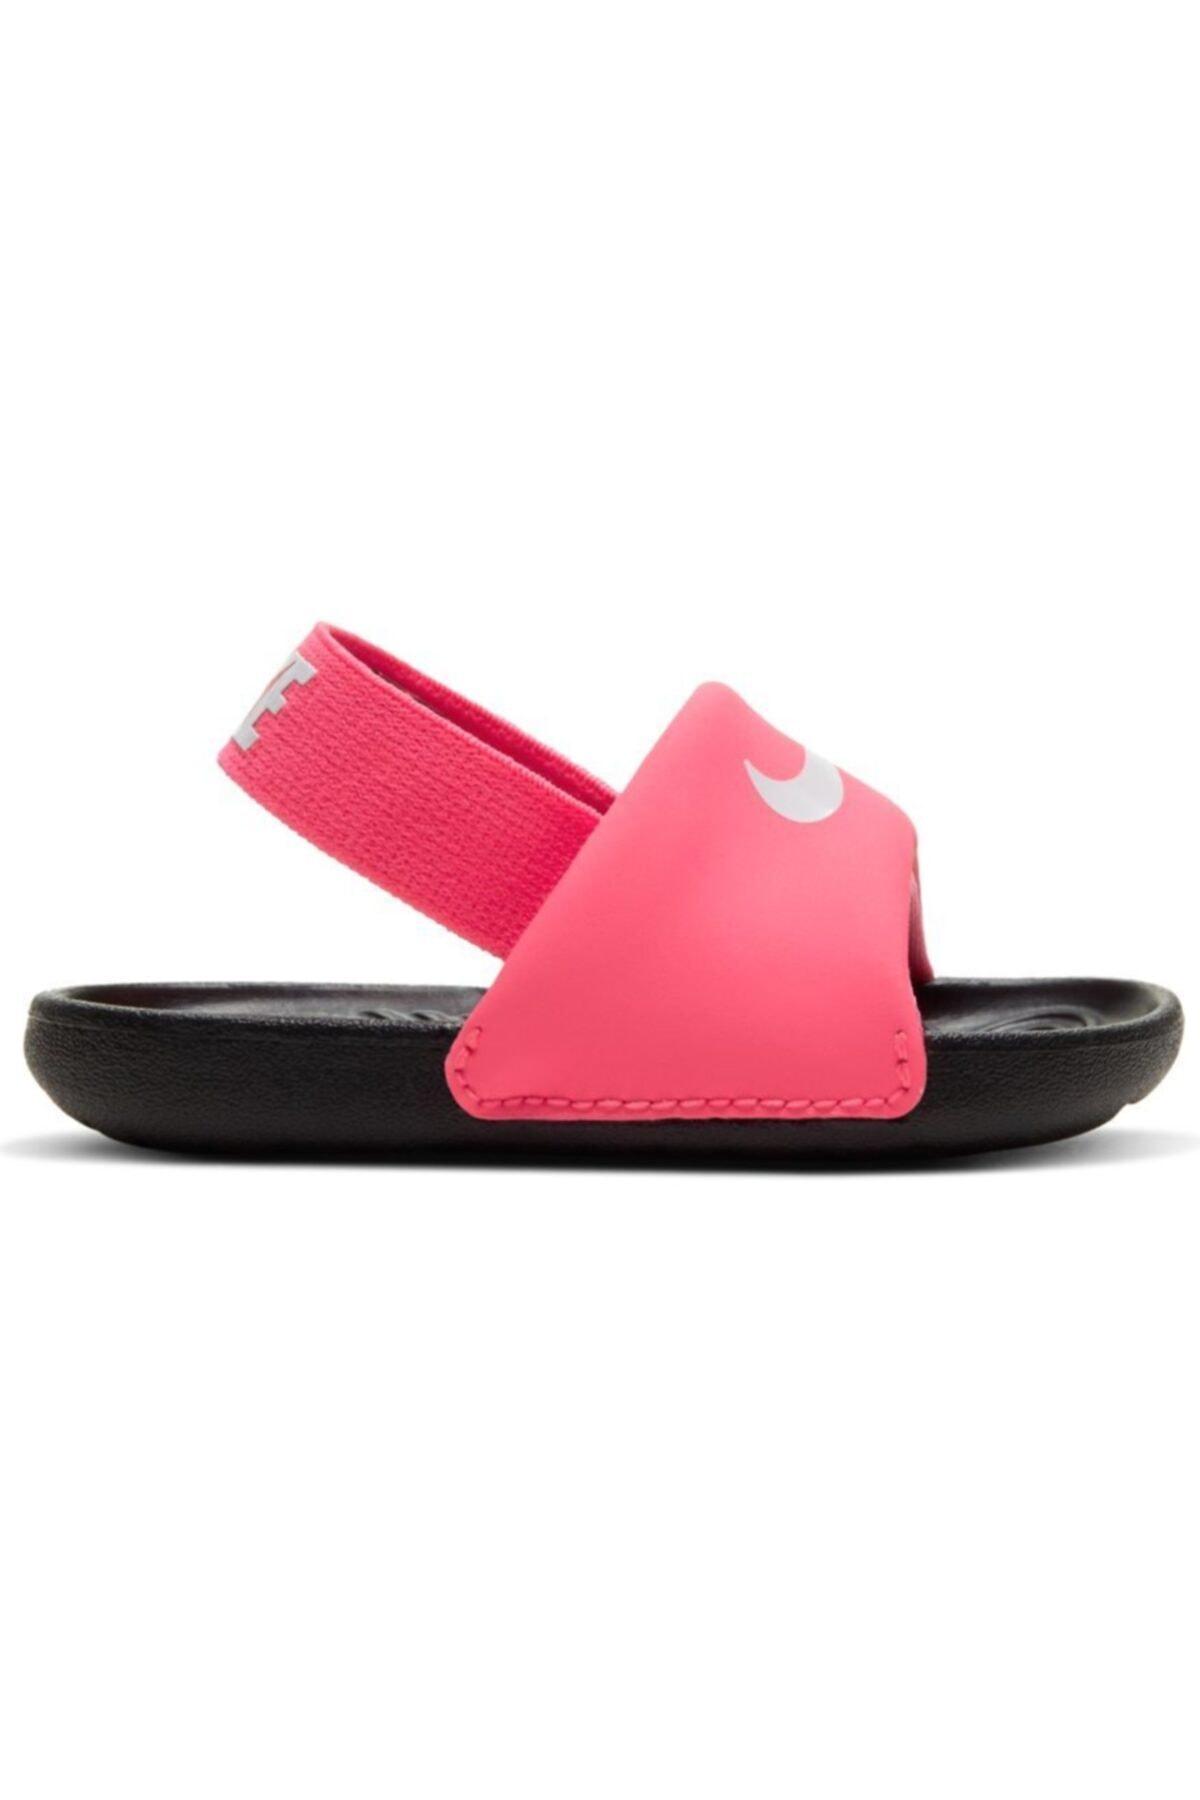 Nike Nıke Kawa Slıde Chınelo Bt Bebek Sandalet Bv1094-610 1